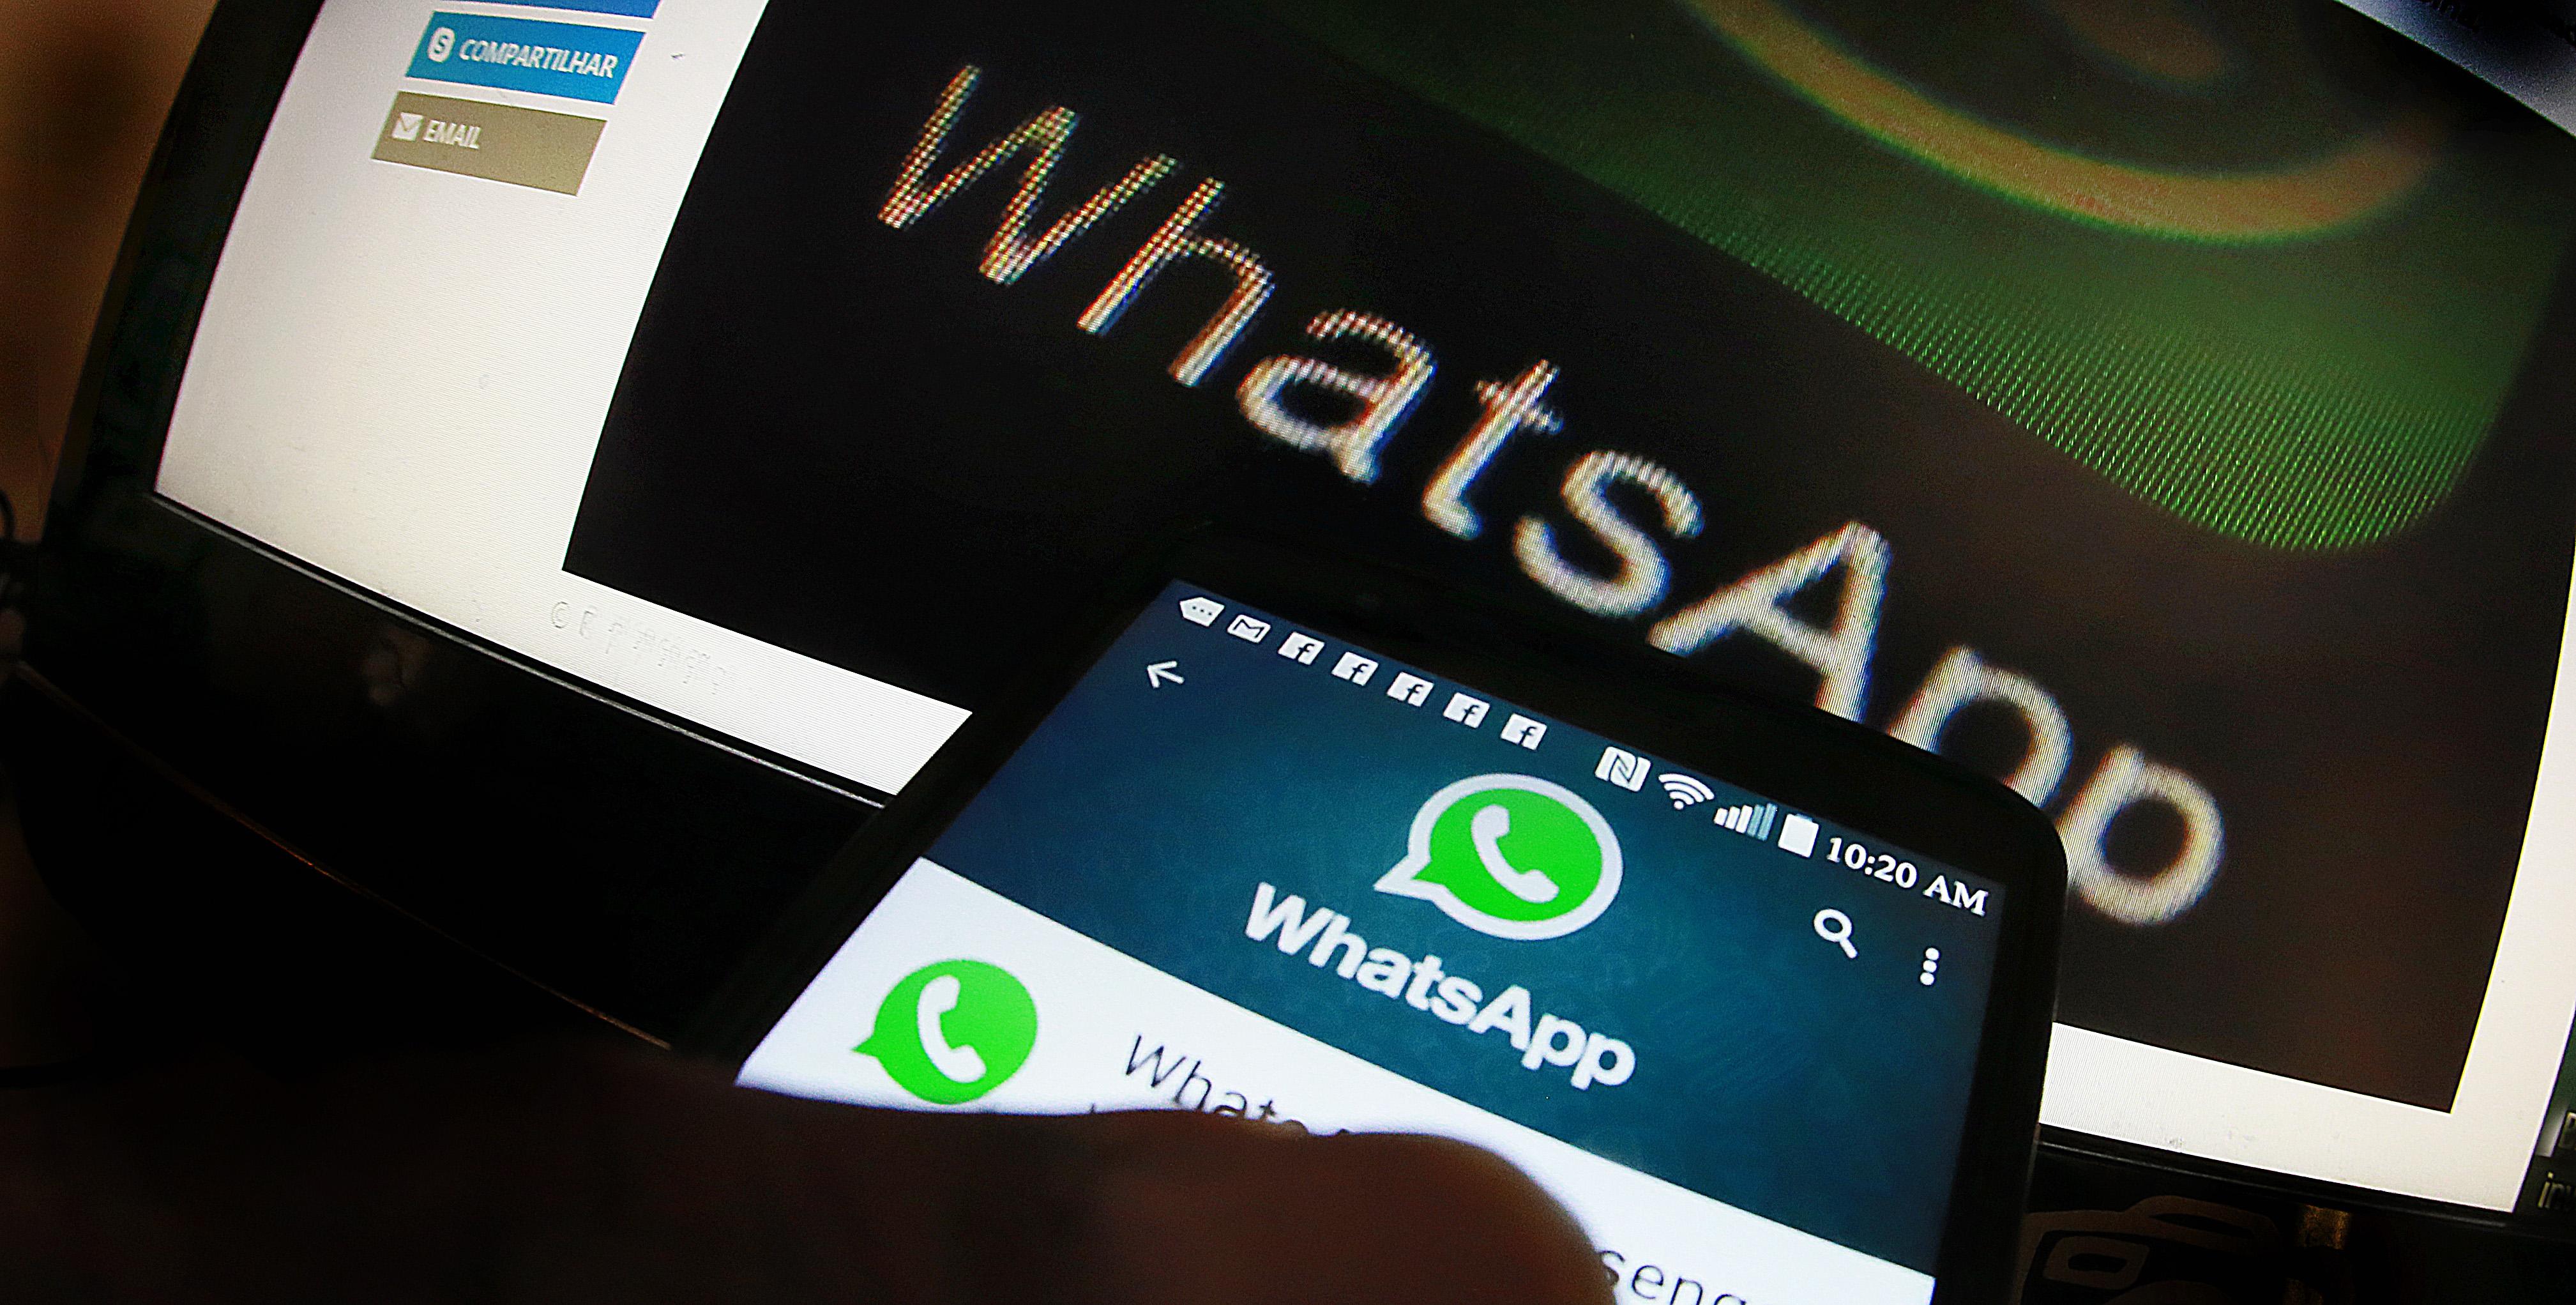 Comunicação - internet aplicativo bate-papo whatsapp redes sociais